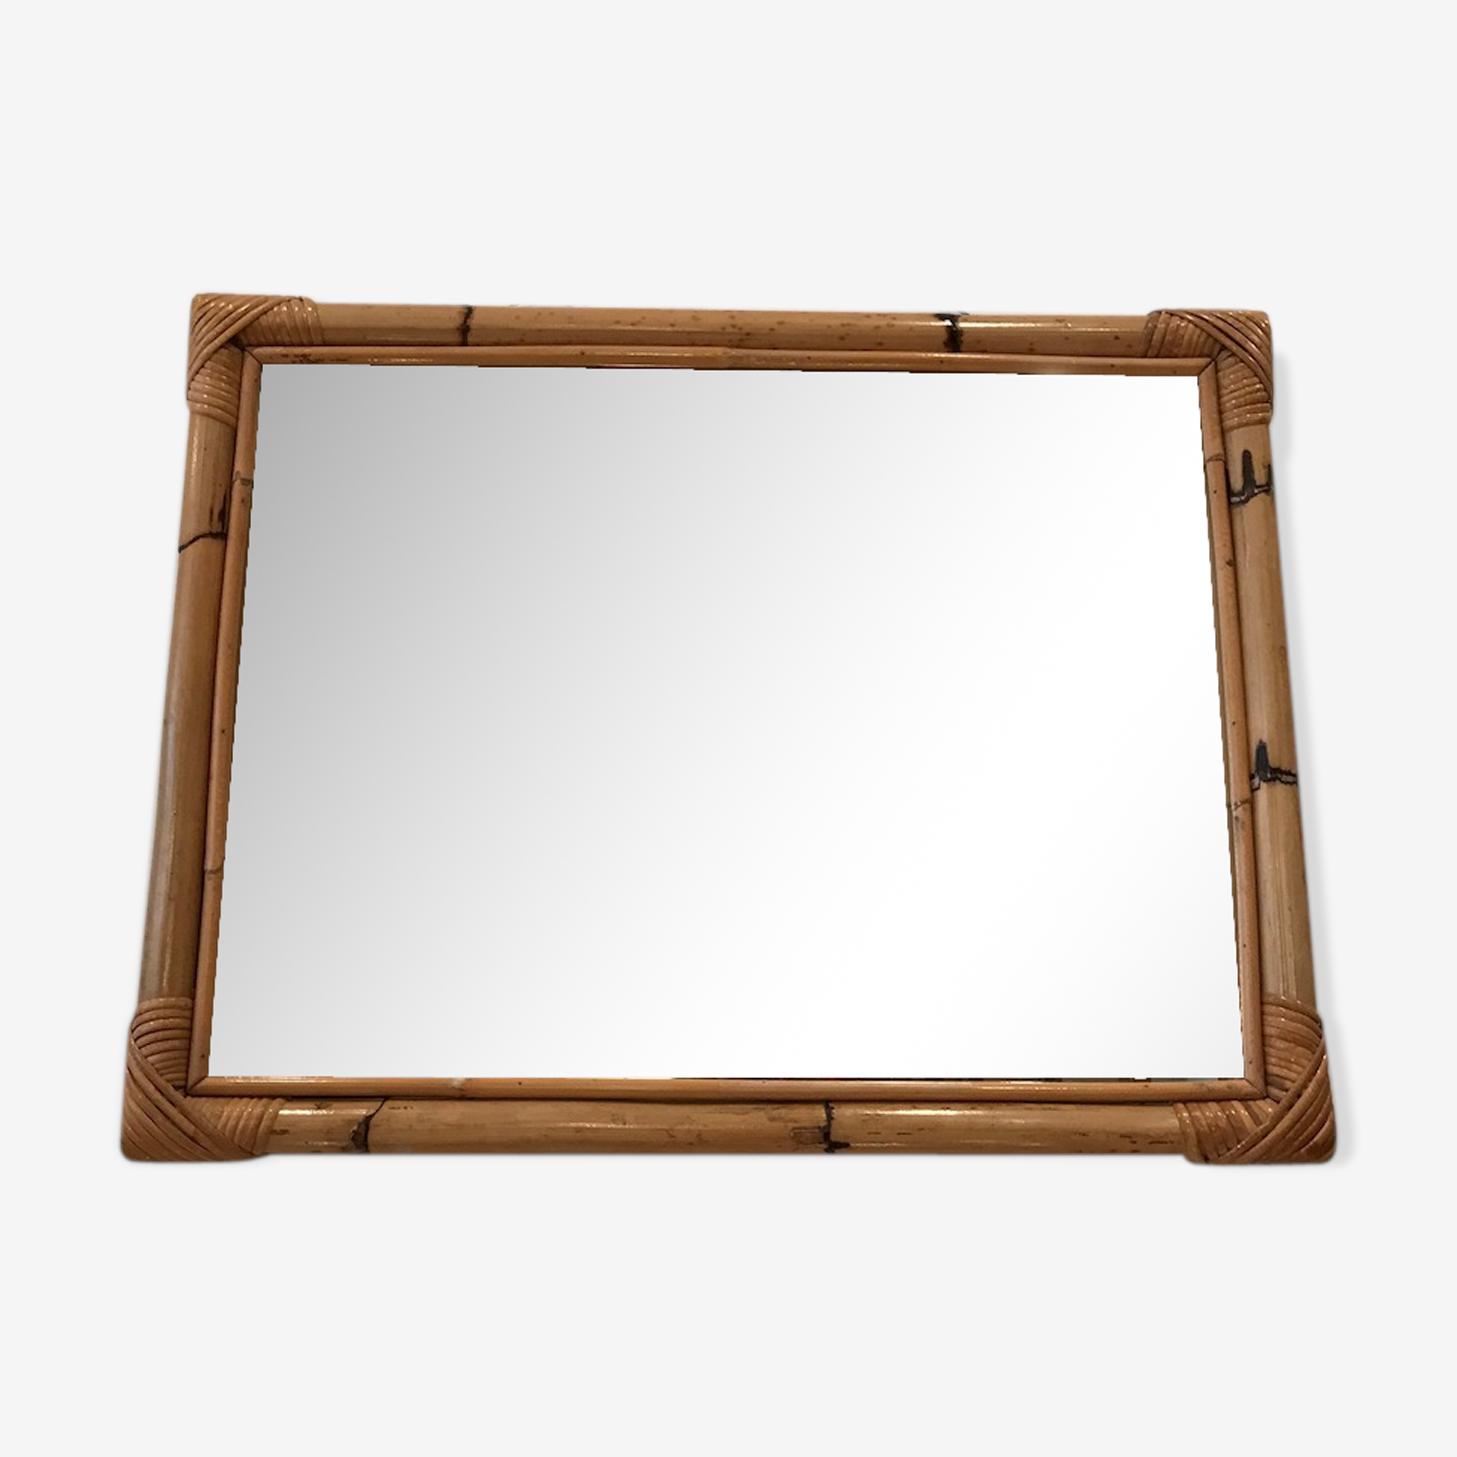 Miroir en bambou des années 50 - 53 x 68 cm